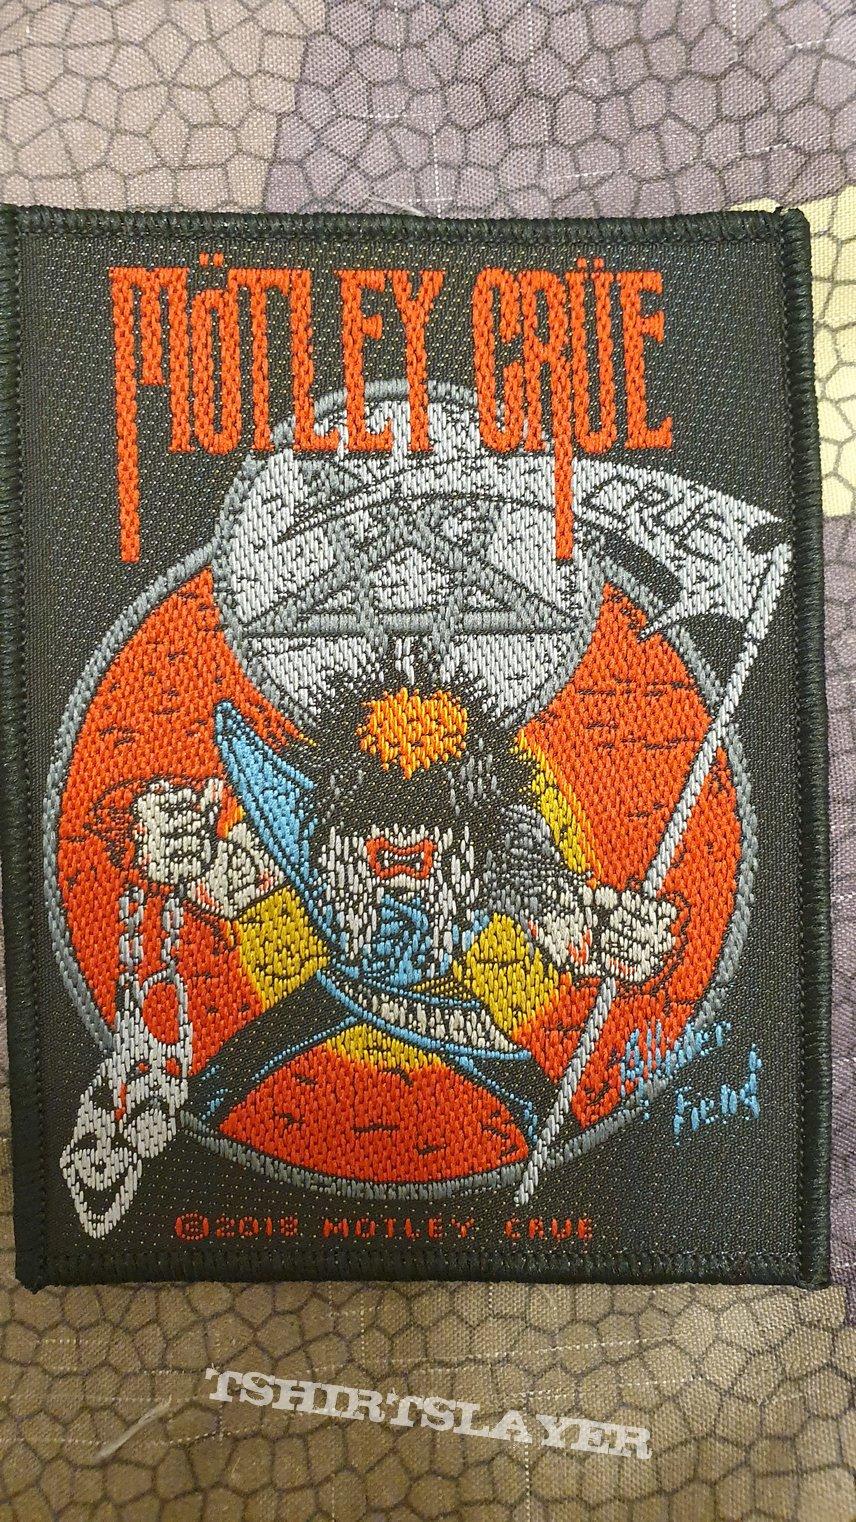 Mötley Crüe - Allister Fiend - Official